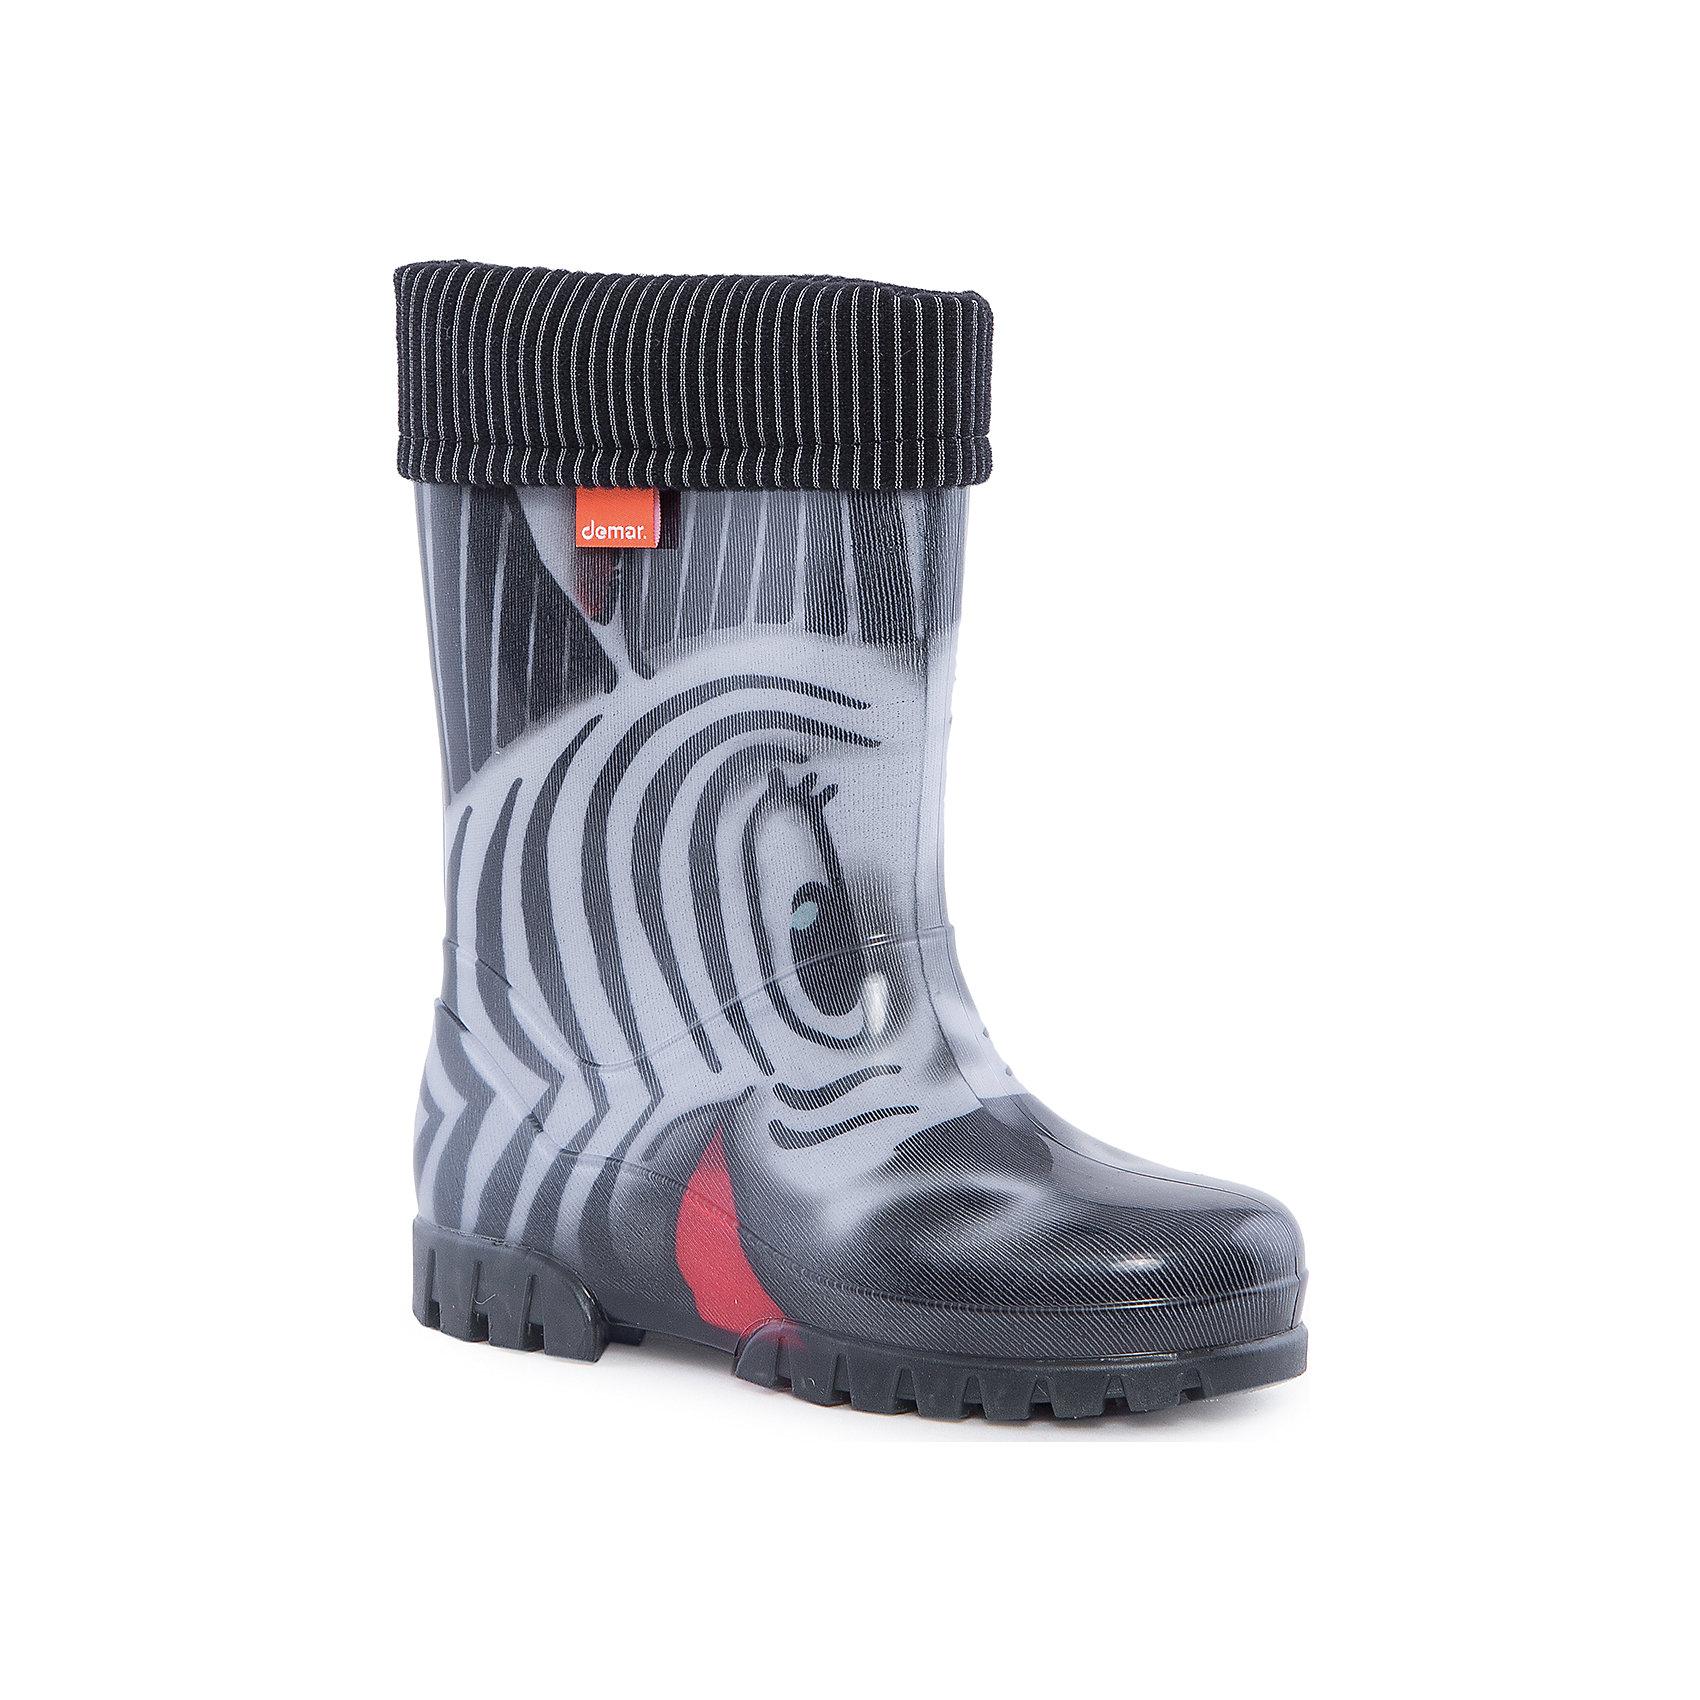 Резиновый сапоги Twister Lux Print Зебра DEMARРезиновые сапоги<br>Характеристики товара:<br><br>• цвет: серый<br>• материал верха: ПВХ<br>• материал подкладки: текстиль <br>• материал подошвы: ПВХ<br>• температурный режим: от 0° до +15° С<br>• верх не продувается<br>• стильный дизайн<br>• страна бренда: Польша<br>• страна изготовитель: Польша<br><br>Осенью и весной ребенку не обойтись без непромокаемых сапожек! Чтобы не пропустить главные удовольствия межсезонья, нужно запастись удобной обувью. Такие сапожки обеспечат ребенку необходимый для активного отдыха комфорт, а подкладка из текстиля позволит ножкам оставаться теплыми. Сапожки легко надеваются и снимаются, отлично сидят на ноге. Они удивительно легкие!<br>Обувь от польского бренда Demar - это качественные товары, созданные с применением новейших технологий и с использованием как натуральных, так и высокотехнологичных материалов. Обувь отличается стильным дизайном и продуманной конструкцией. Изделие производится из качественных и проверенных материалов, которые безопасны для детей.<br><br>Сапожки от бренда Demar (Демар) можно купить в нашем интернет-магазине.<br><br>Ширина мм: 237<br>Глубина мм: 180<br>Высота мм: 152<br>Вес г: 438<br>Цвет: белый<br>Возраст от месяцев: 72<br>Возраст до месяцев: 84<br>Пол: Унисекс<br>Возраст: Детский<br>Размер: 30/31,32/33,28/29,34/35<br>SKU: 4576041